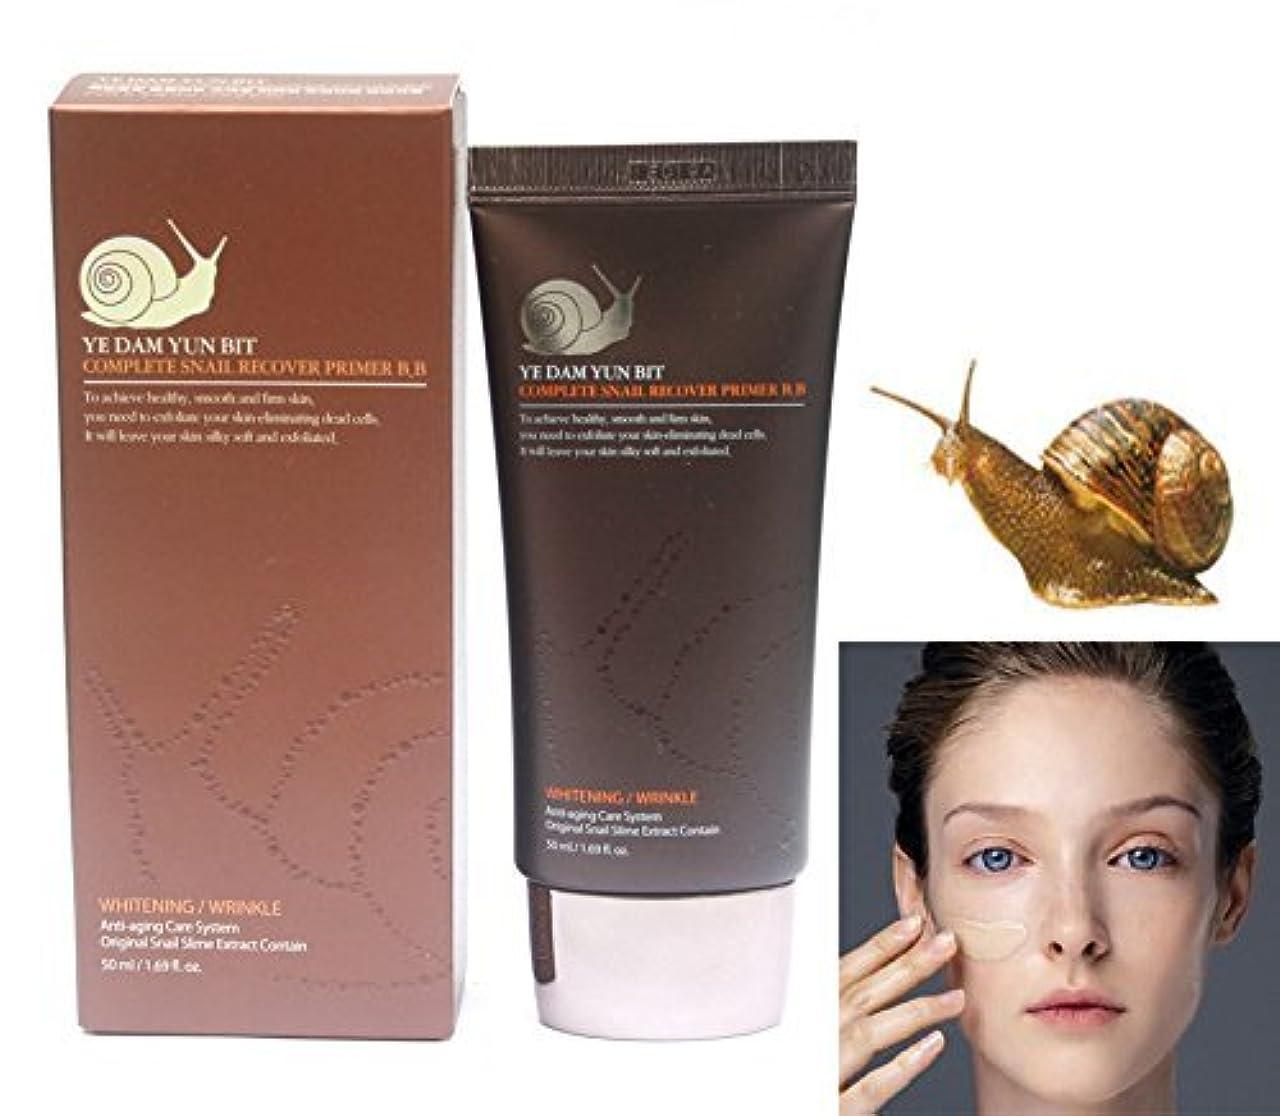 あからさま純正高い[YEDAM YUNBIT] 完全なカタツムリ?リカバリー?プライマーBB 50ml /韓国化粧品 / Complete Snail Recover Primer BB 50ml / Korean Cosmetics (...